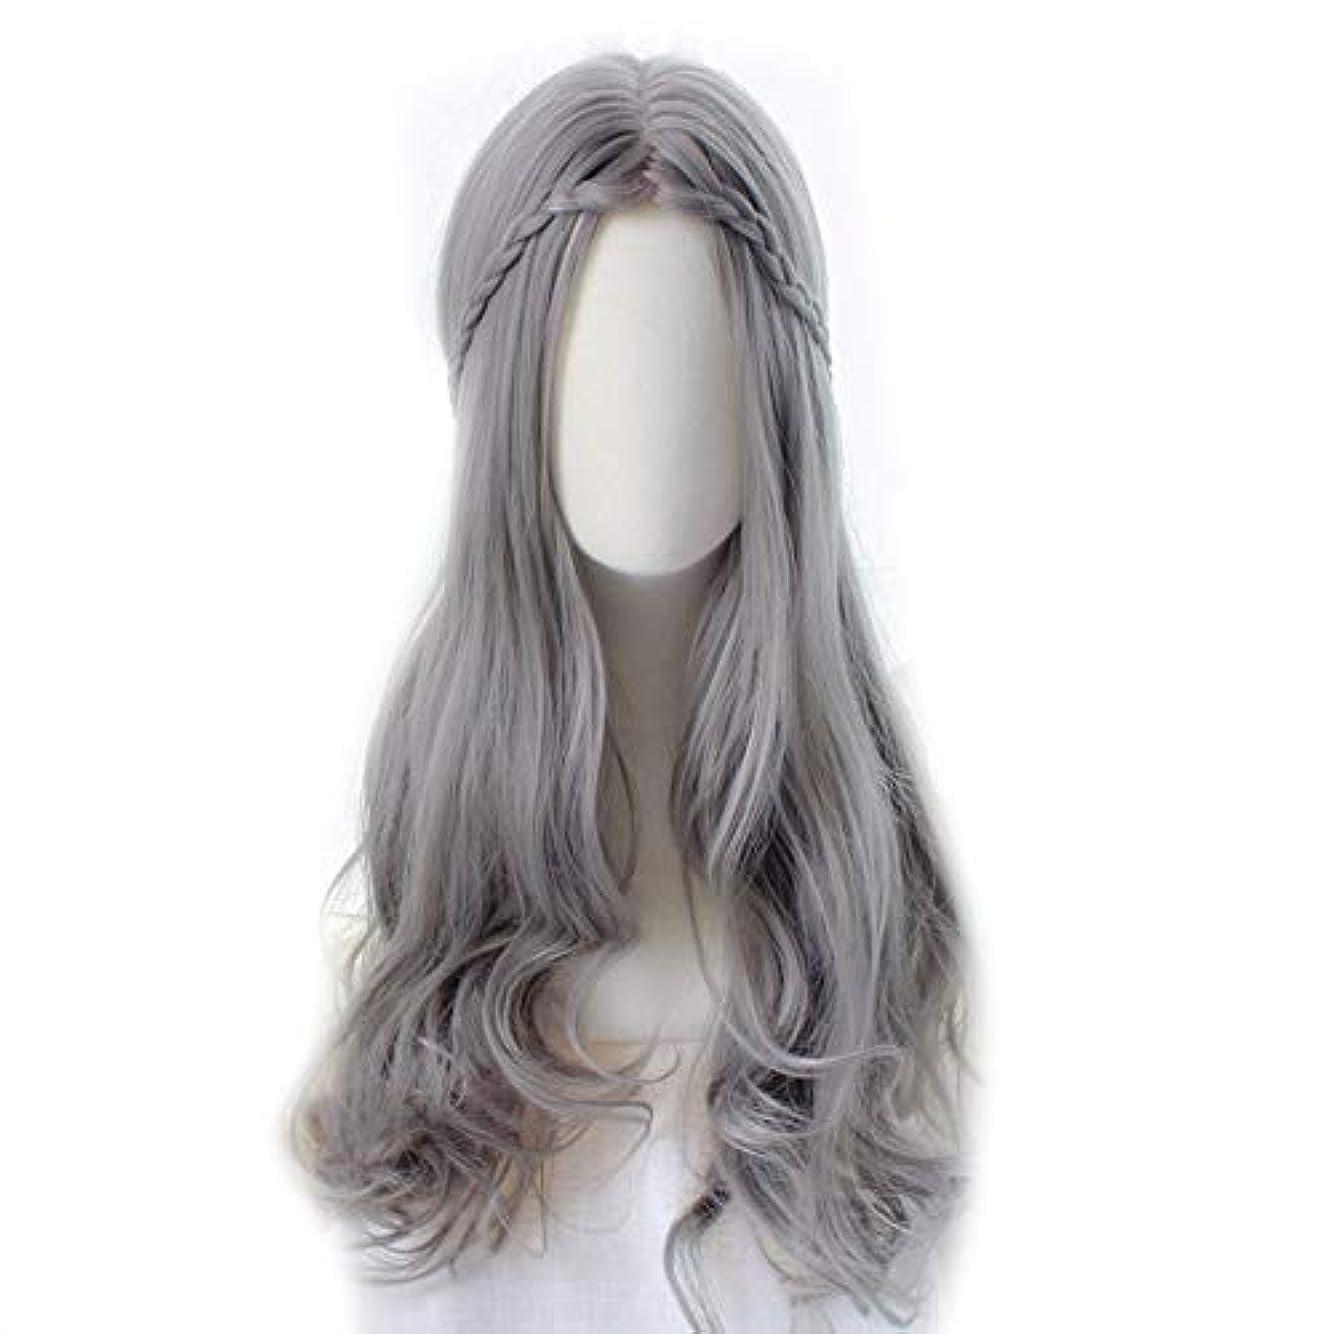 ご覧ください受け入れるさておきWASAIO 女性のロリータシルバーグレーウィッグロングカーリーヘアウィッグアクセサリー用スタイルReplacementfor女の子合成コスプレパーティーと前髪 (色 : Silver grey, サイズ : 55cm)